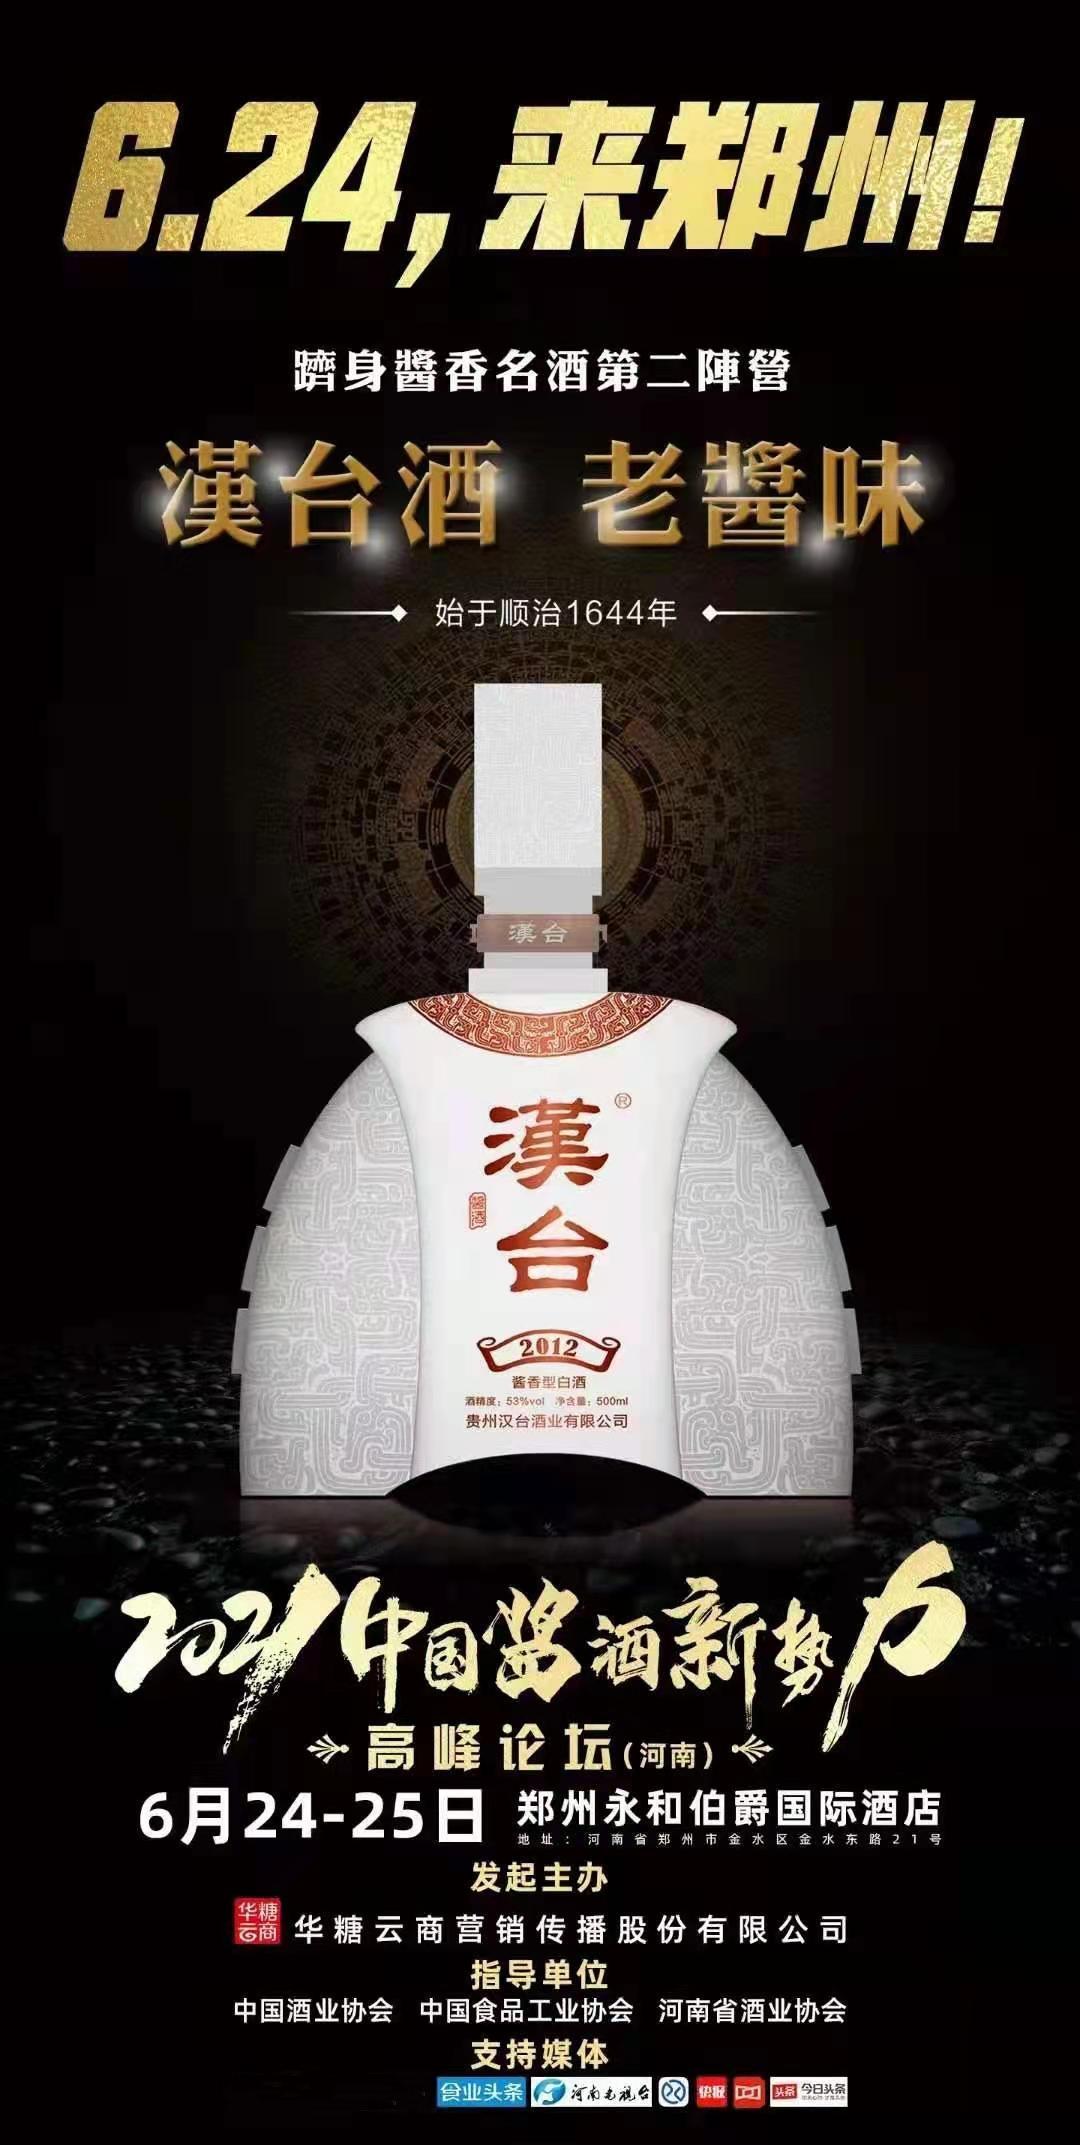 汉台要做中国酱酒新势力的引领者